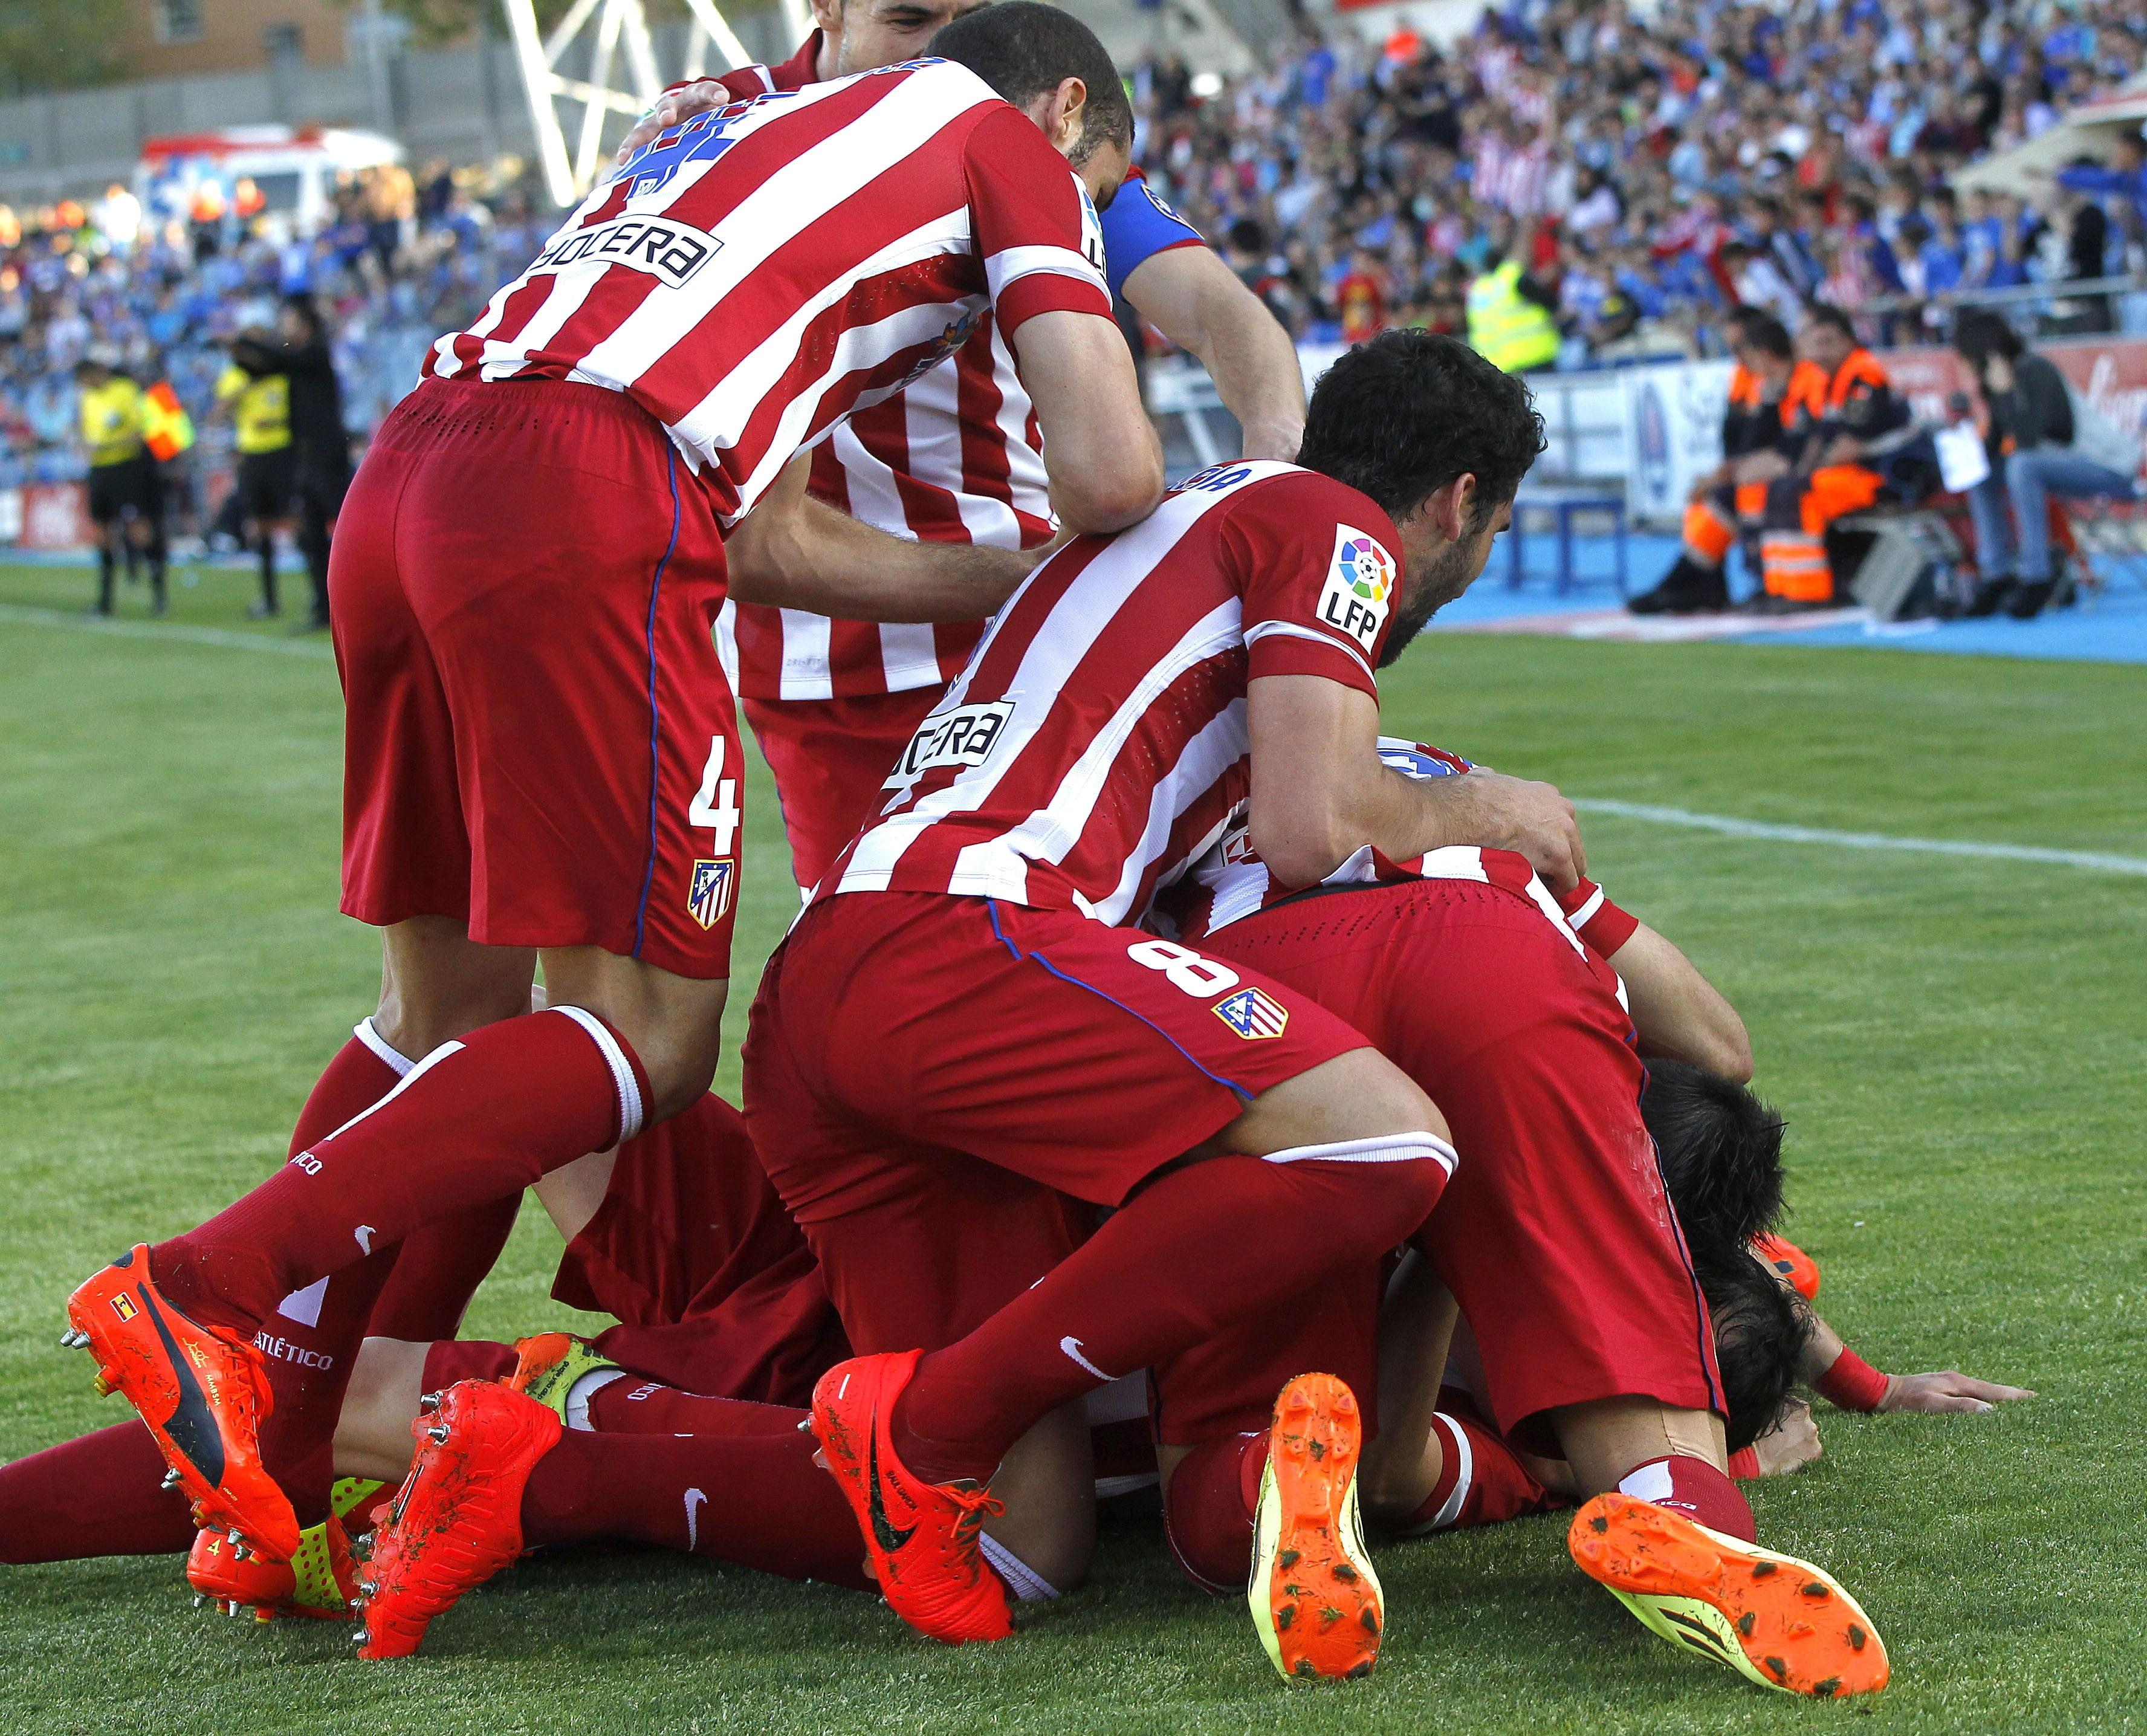 El Atlético, favorito en las apuestas en la víspera del choque